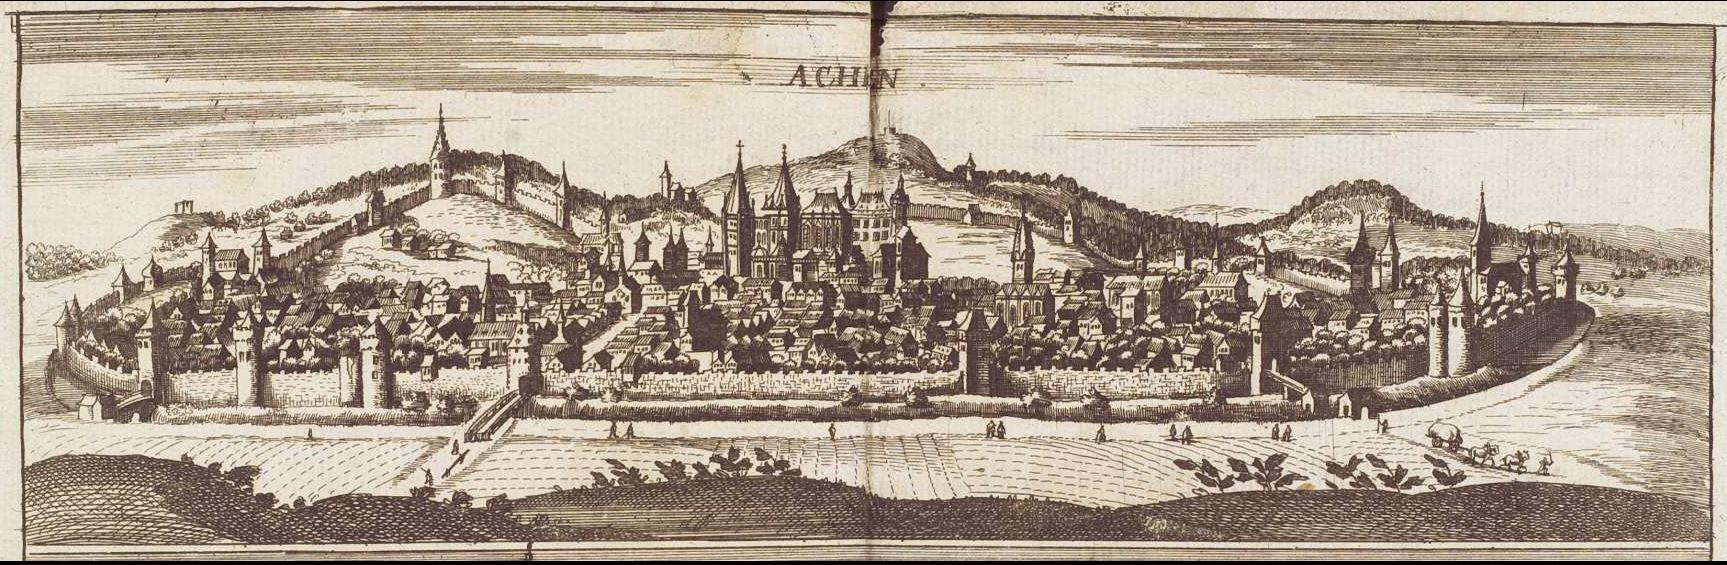 Aachen - 1690